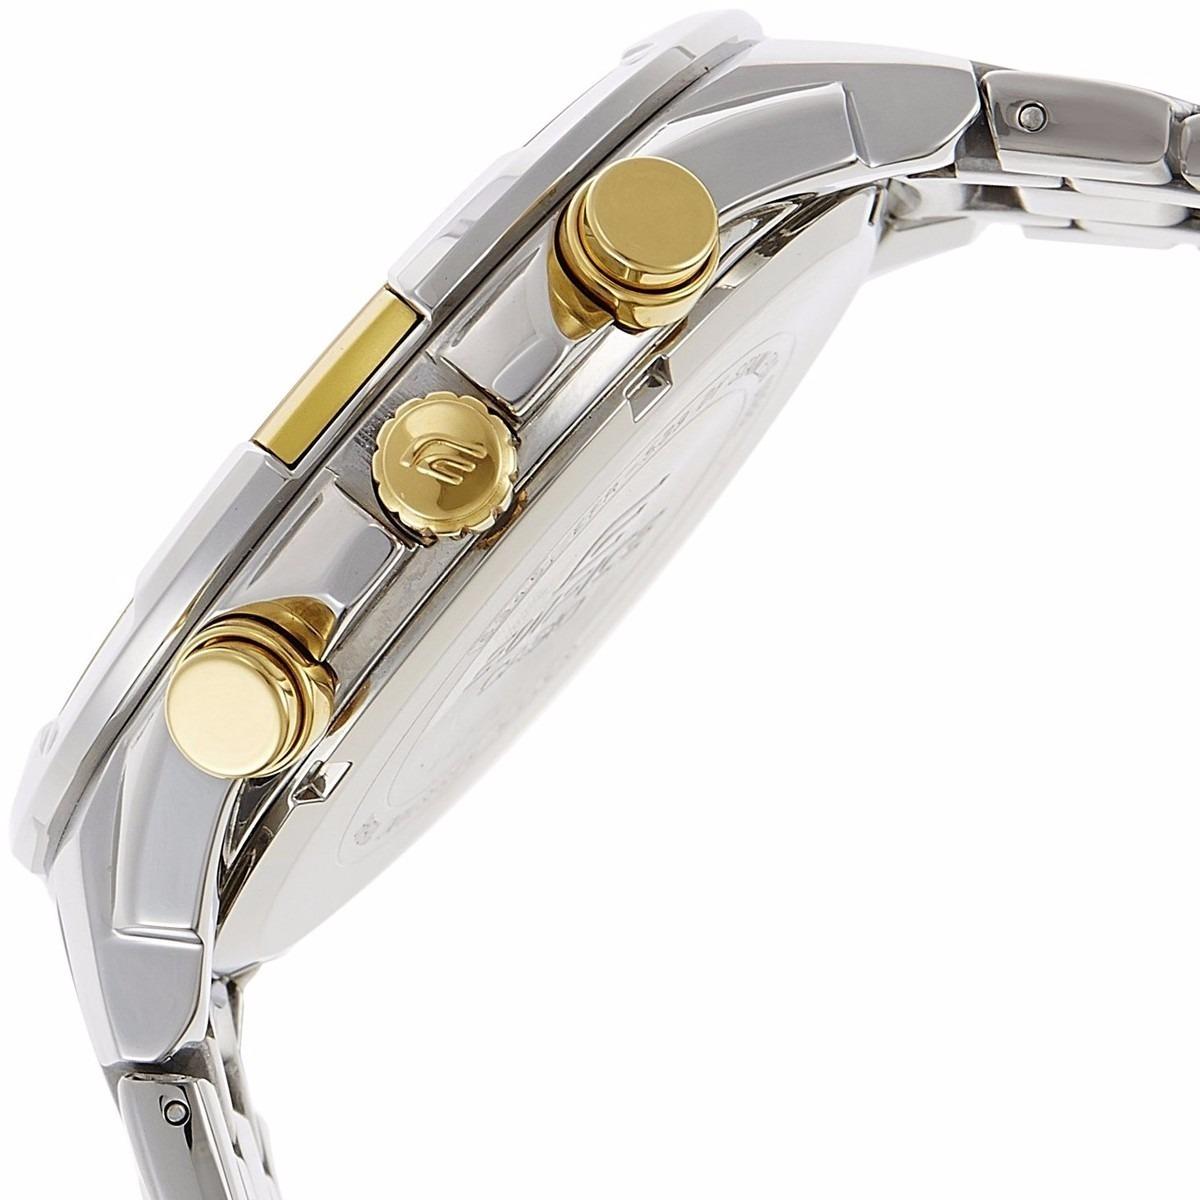 7a177e0055a Relógio Casio Masculino Edifice Ef-558d-1avudf. Luxo Top - R  257